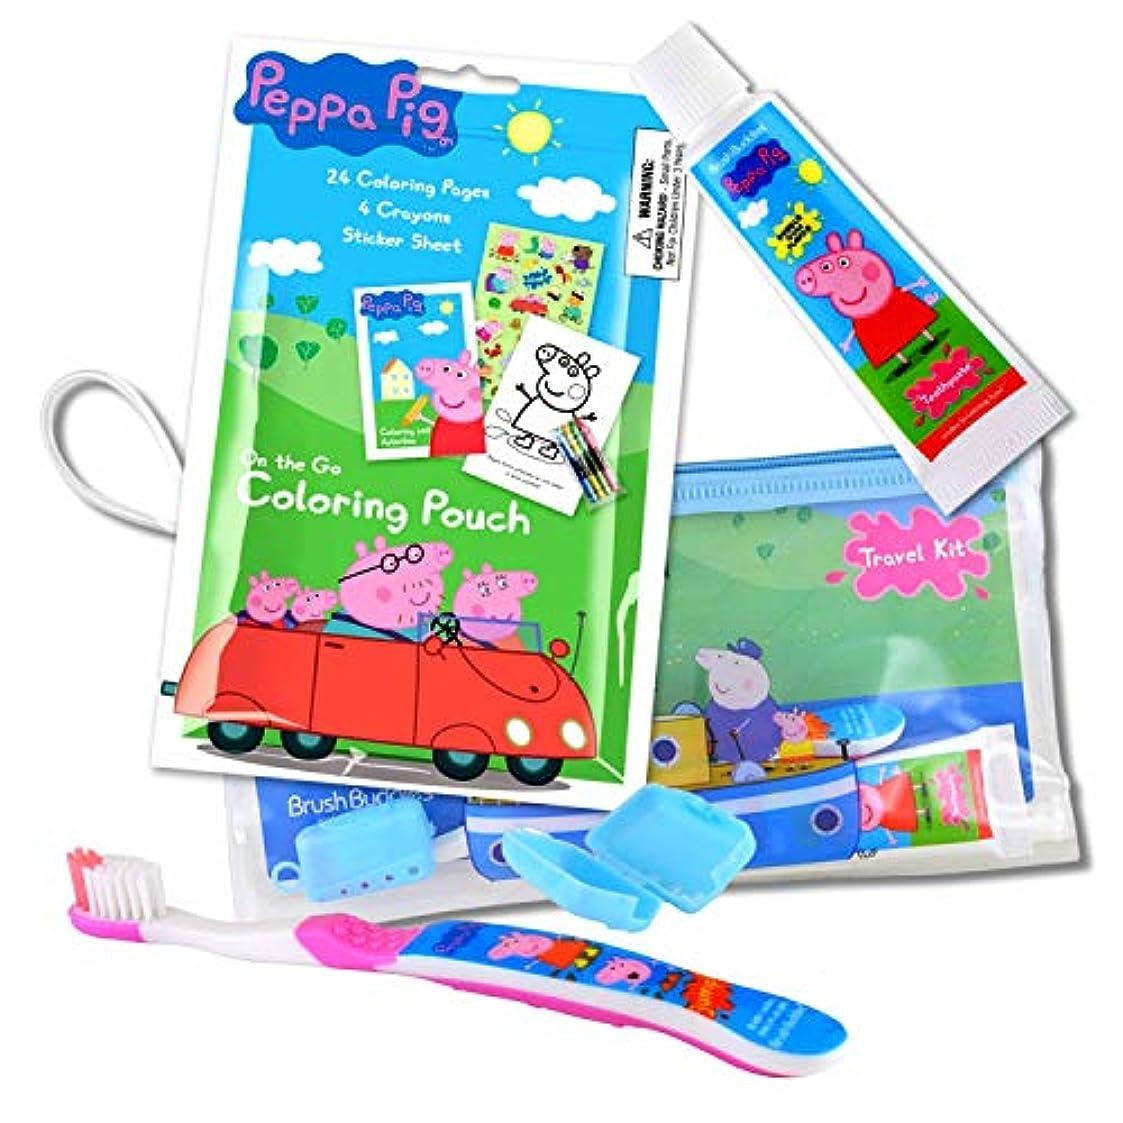 緩むひねりタバコPeppa Pig トラベルキット ペッパ歯ブラシと歯磨き粉 ジッパー付き 再封可能 トラベルバッグ付き ペッパピッグアクティビティセット クレヨン、ステッカー、ミニカラーリングブック付き